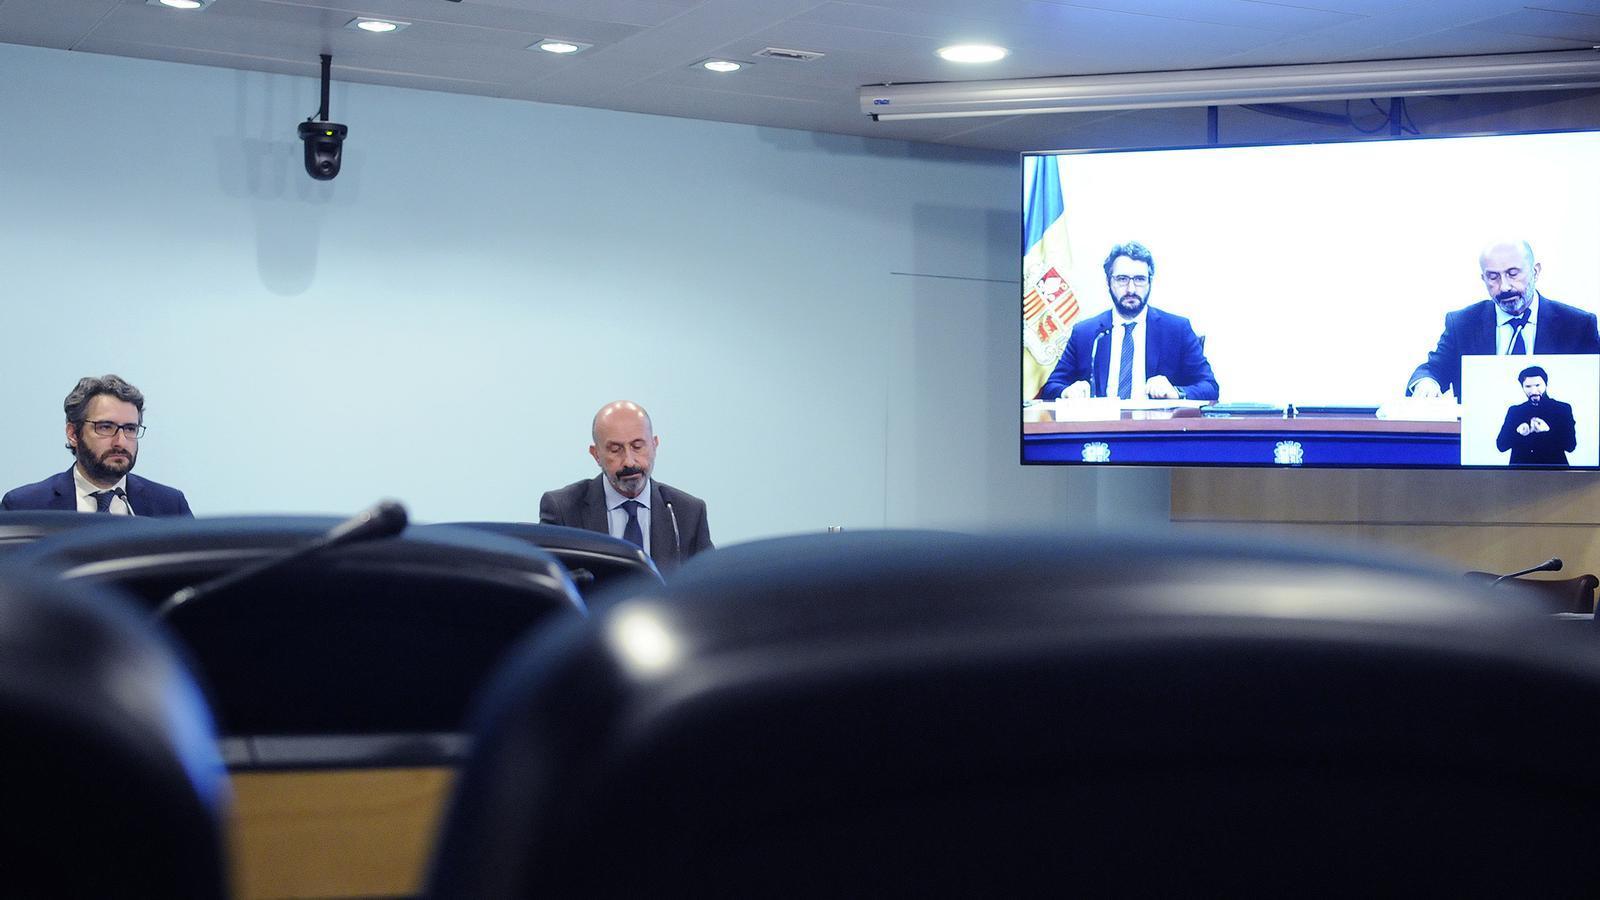 El ministre Portaveu, Eric Jover, acompanyat del ministre de Salut, Joan Martínez Benazet. / SFG